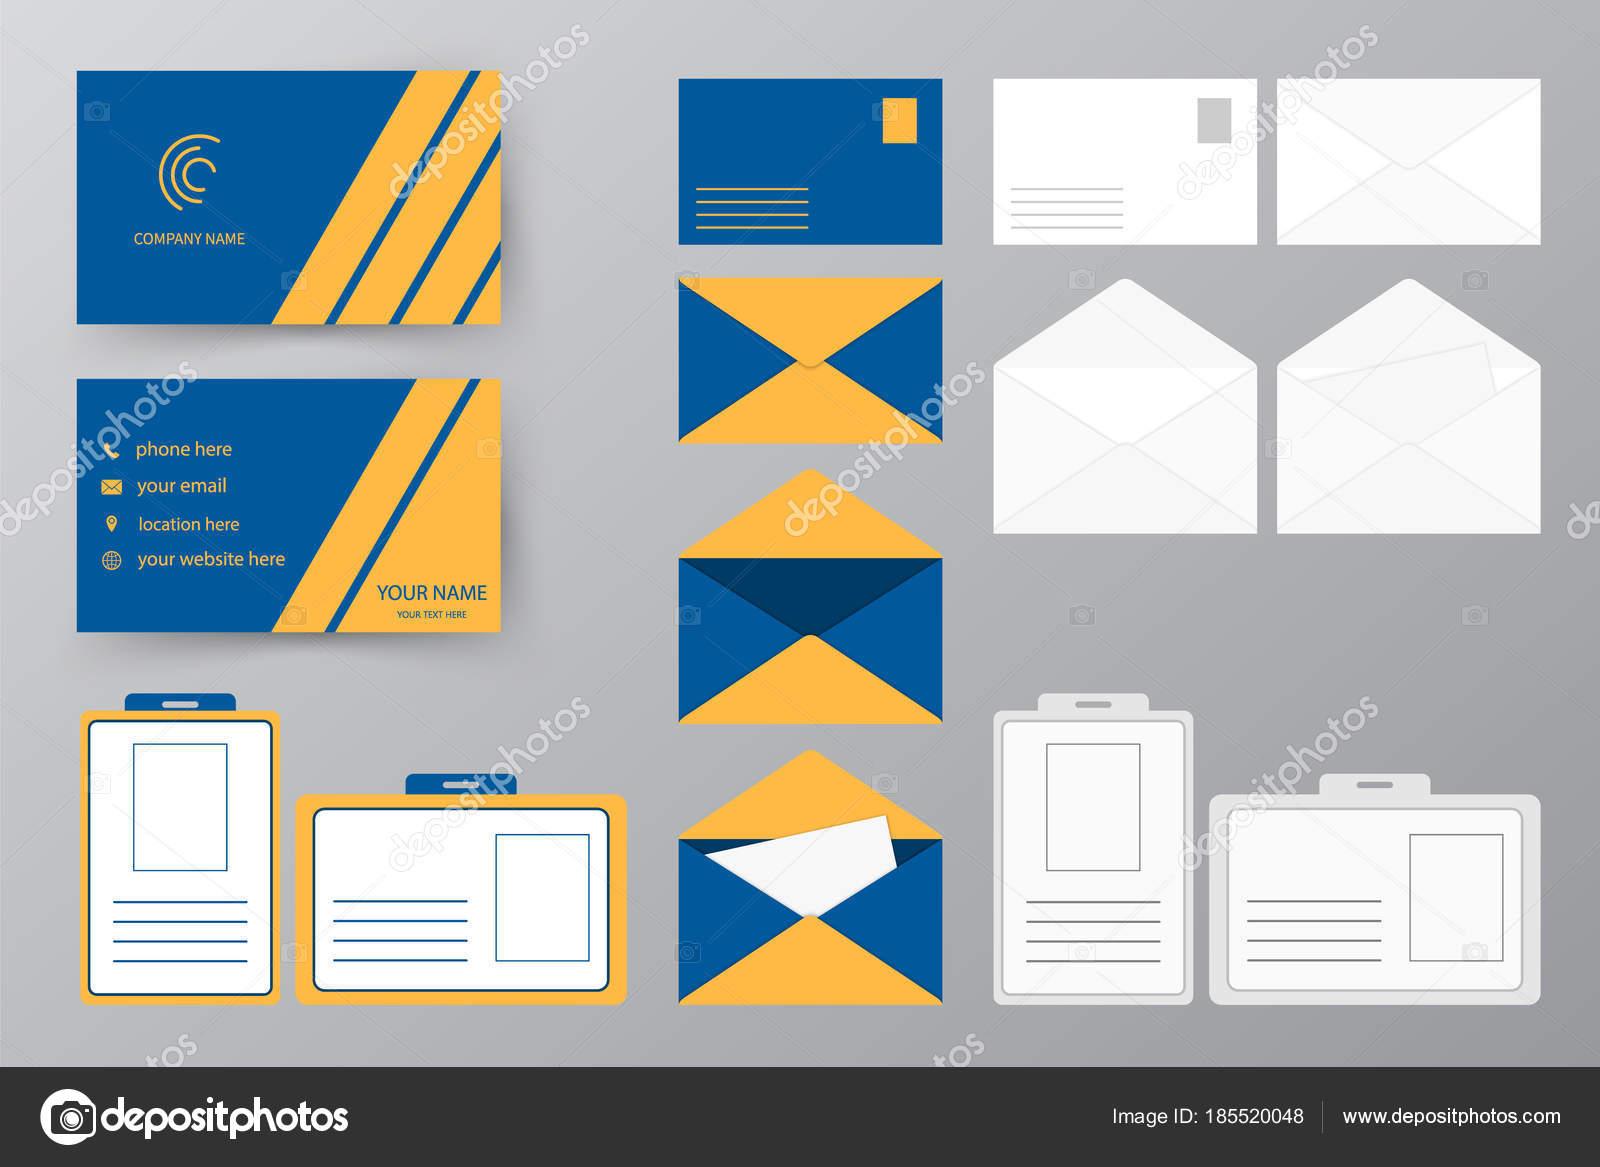 Collection De Style Personnel Conception Dillustration Vectorielle Aux Entreprises Et Personnels Utilisez Jeu Carte Visite Avec Enveloppe Dun